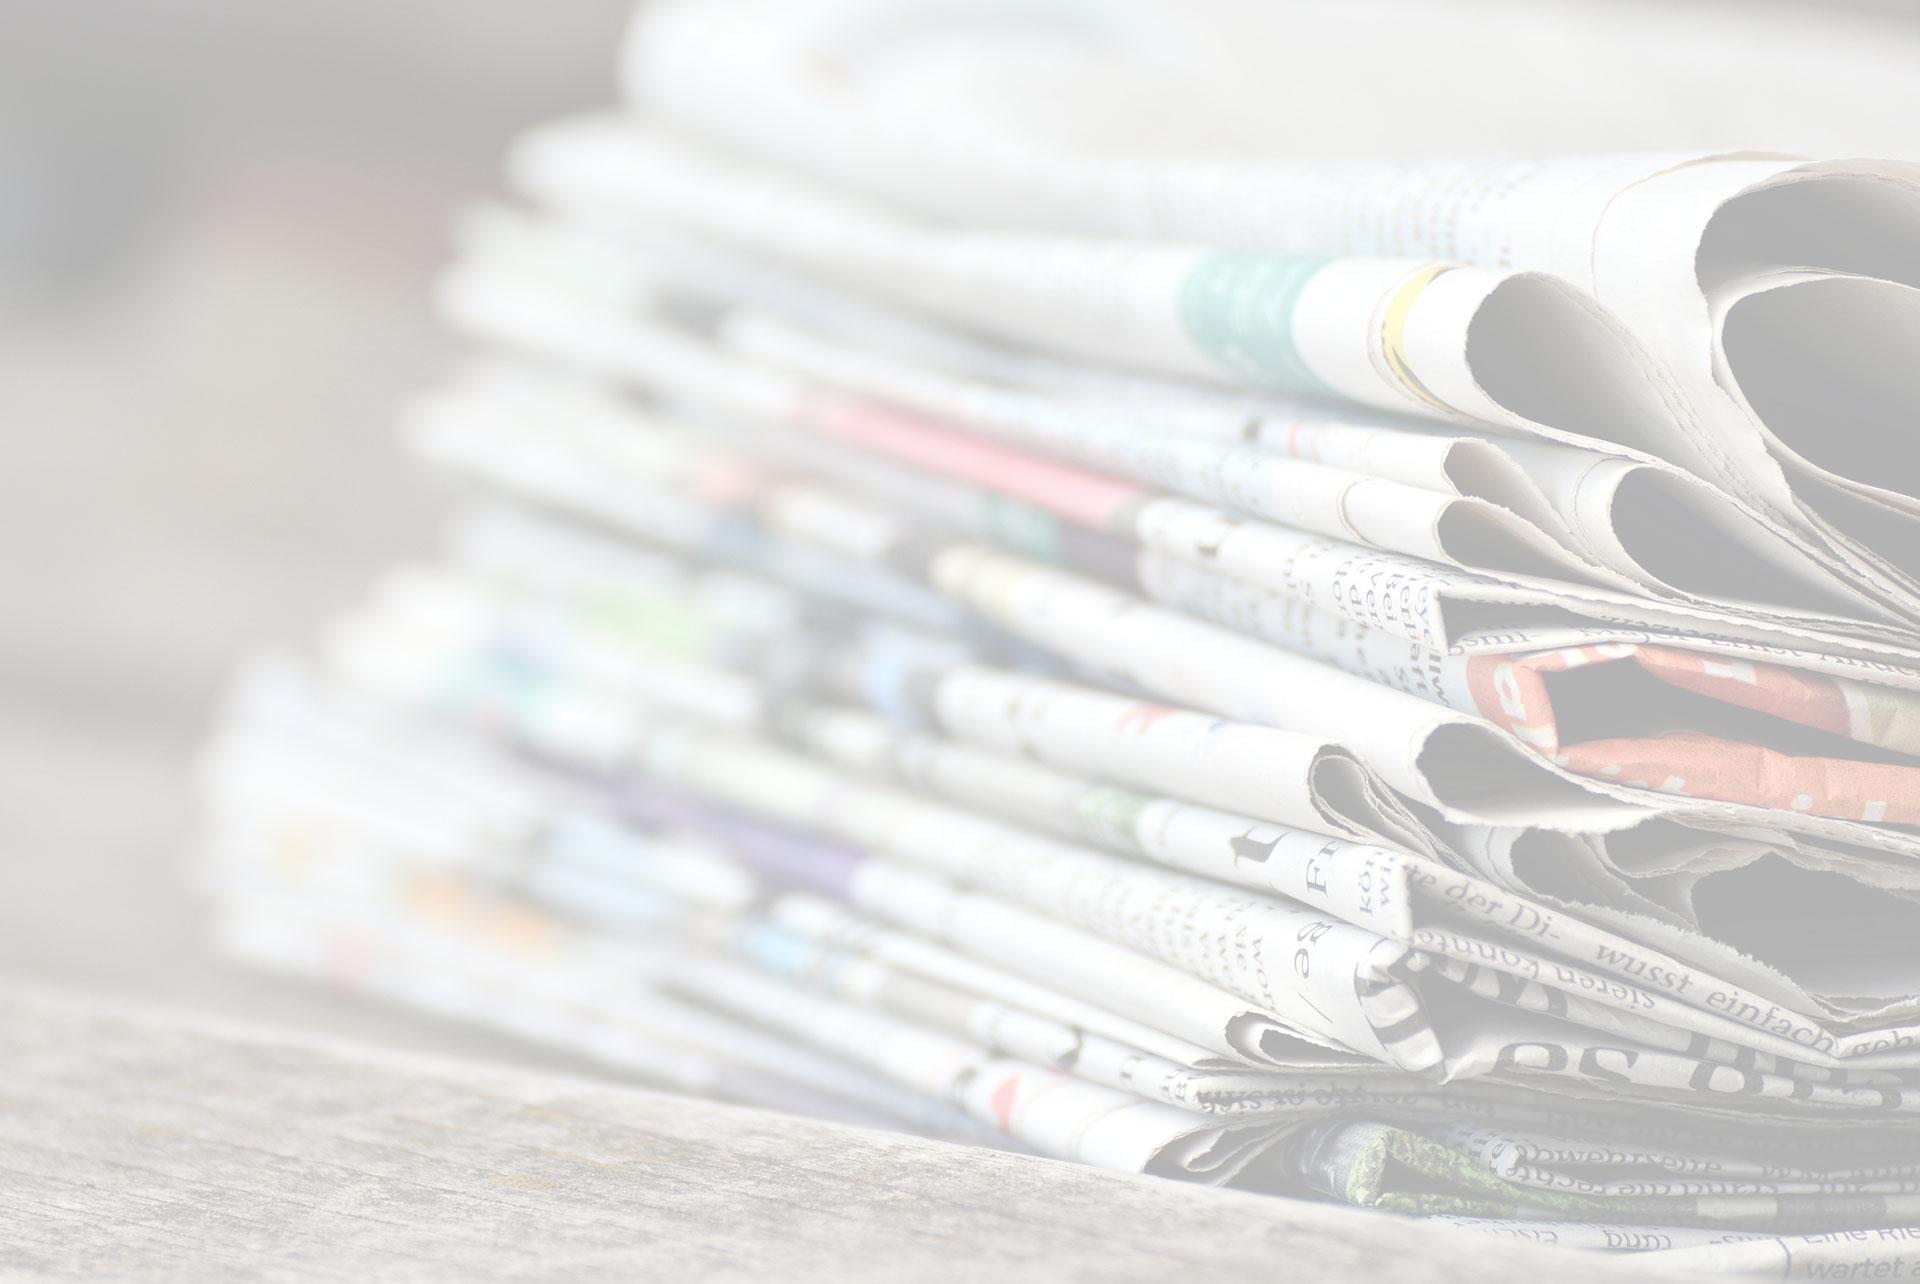 I 450 migranti fermi al largo di Pozzallo, sbarcano mamme e bambini